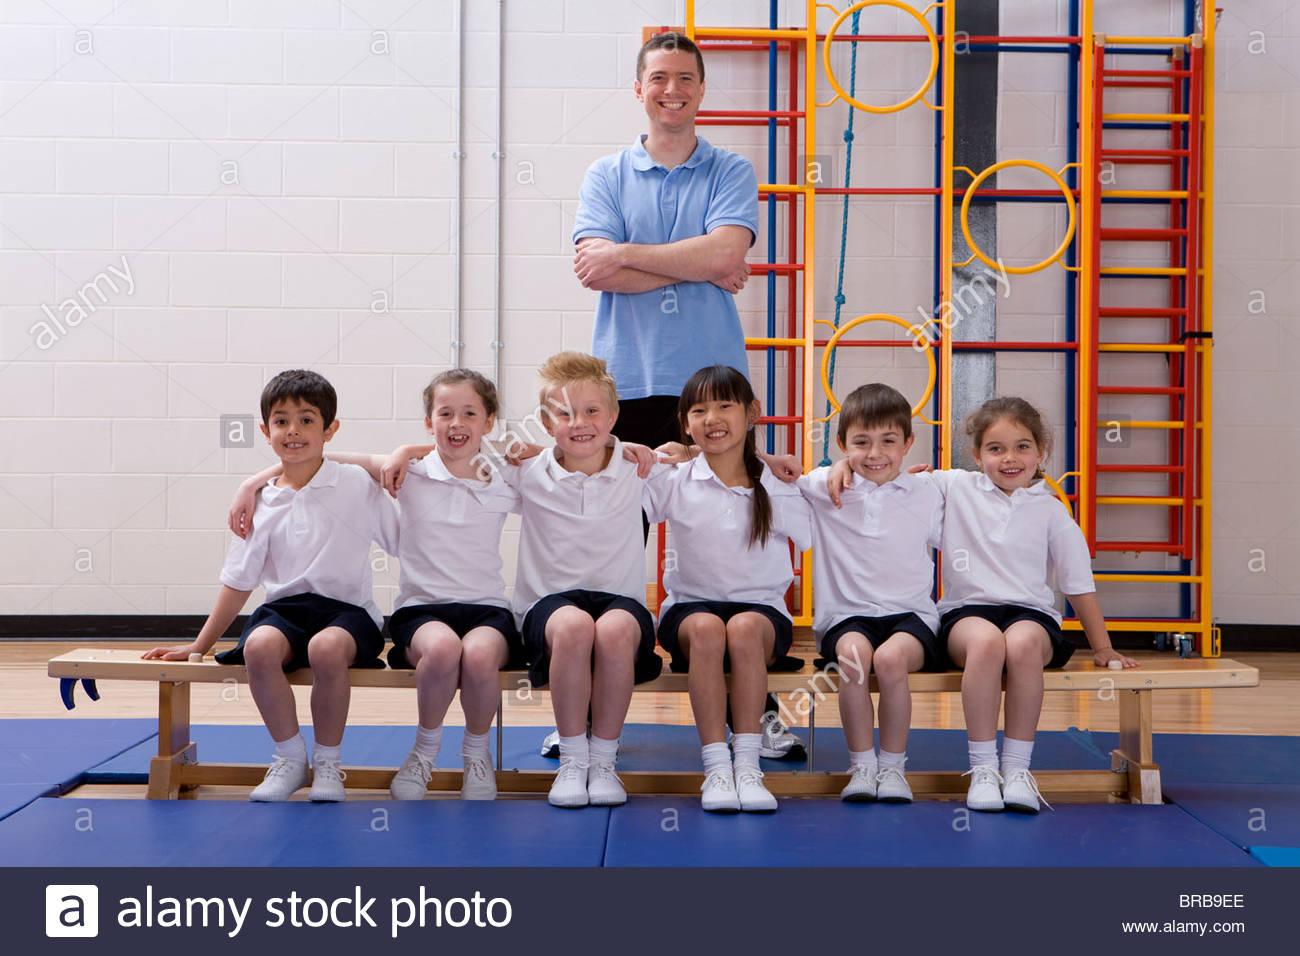 School children and teacher in school gymnasium - Stock Image